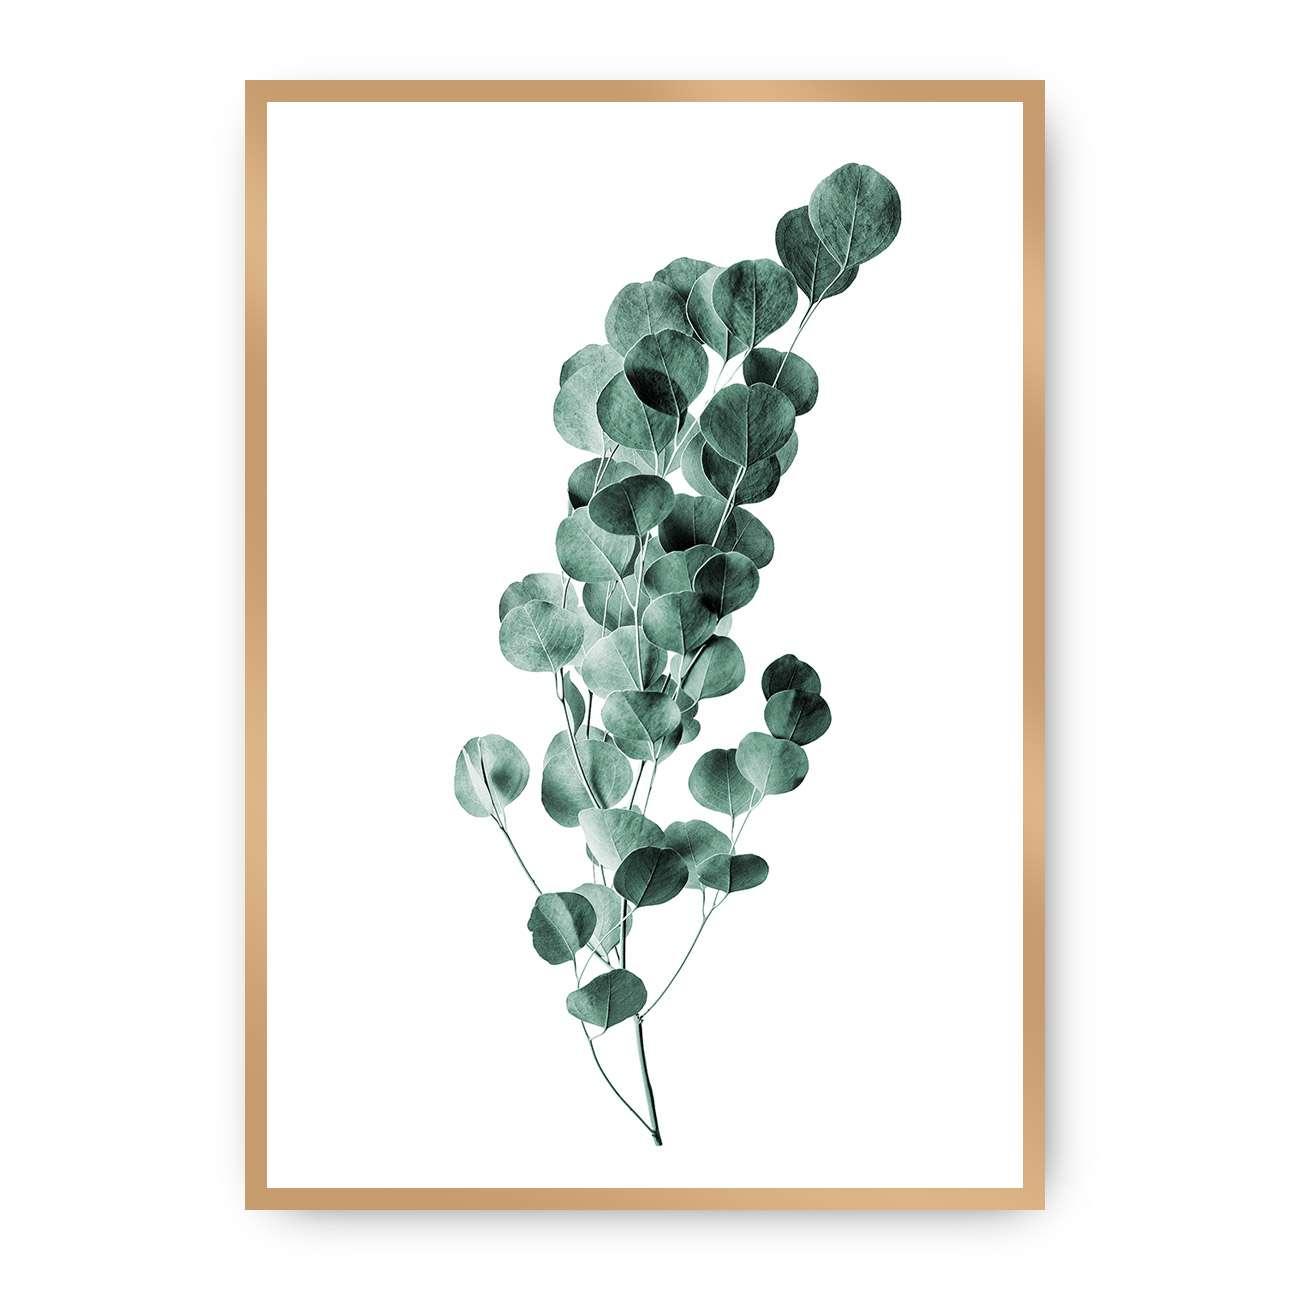 Poster Eucalyptus Emerald Green, 70 x 100 cm, Rahmen wählen: gold   Dekoration > Bilder und Rahmen > Poster   Dekoria